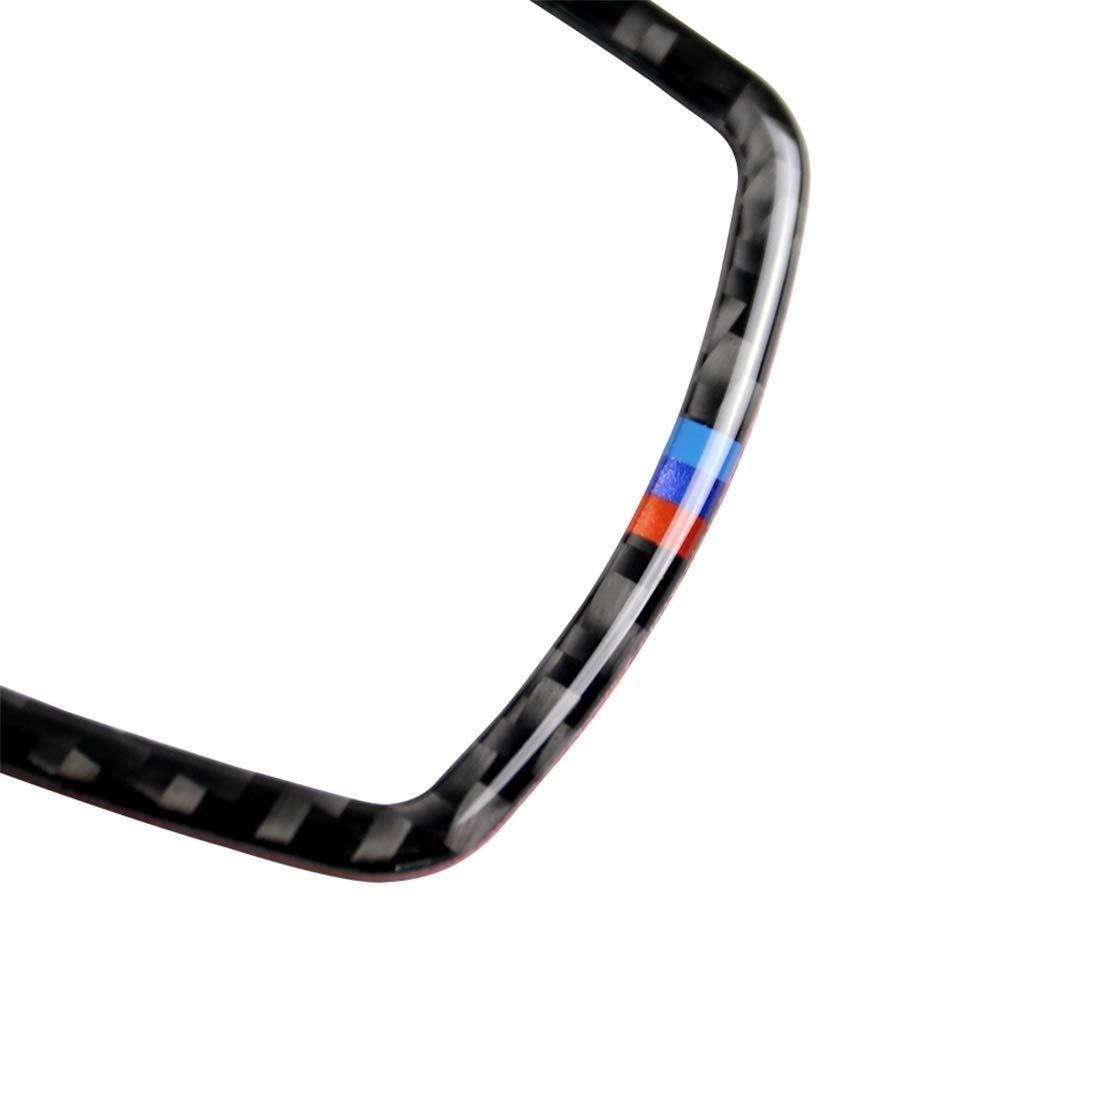 F15 F25 F20 X6 F34 F16 Accesorios interiores Marco de tres fibra del carb/ón Color de multimedias del coche de la etiqueta engomada for BMW X3 F26 sutible for F07 X5 X4 F30 F10